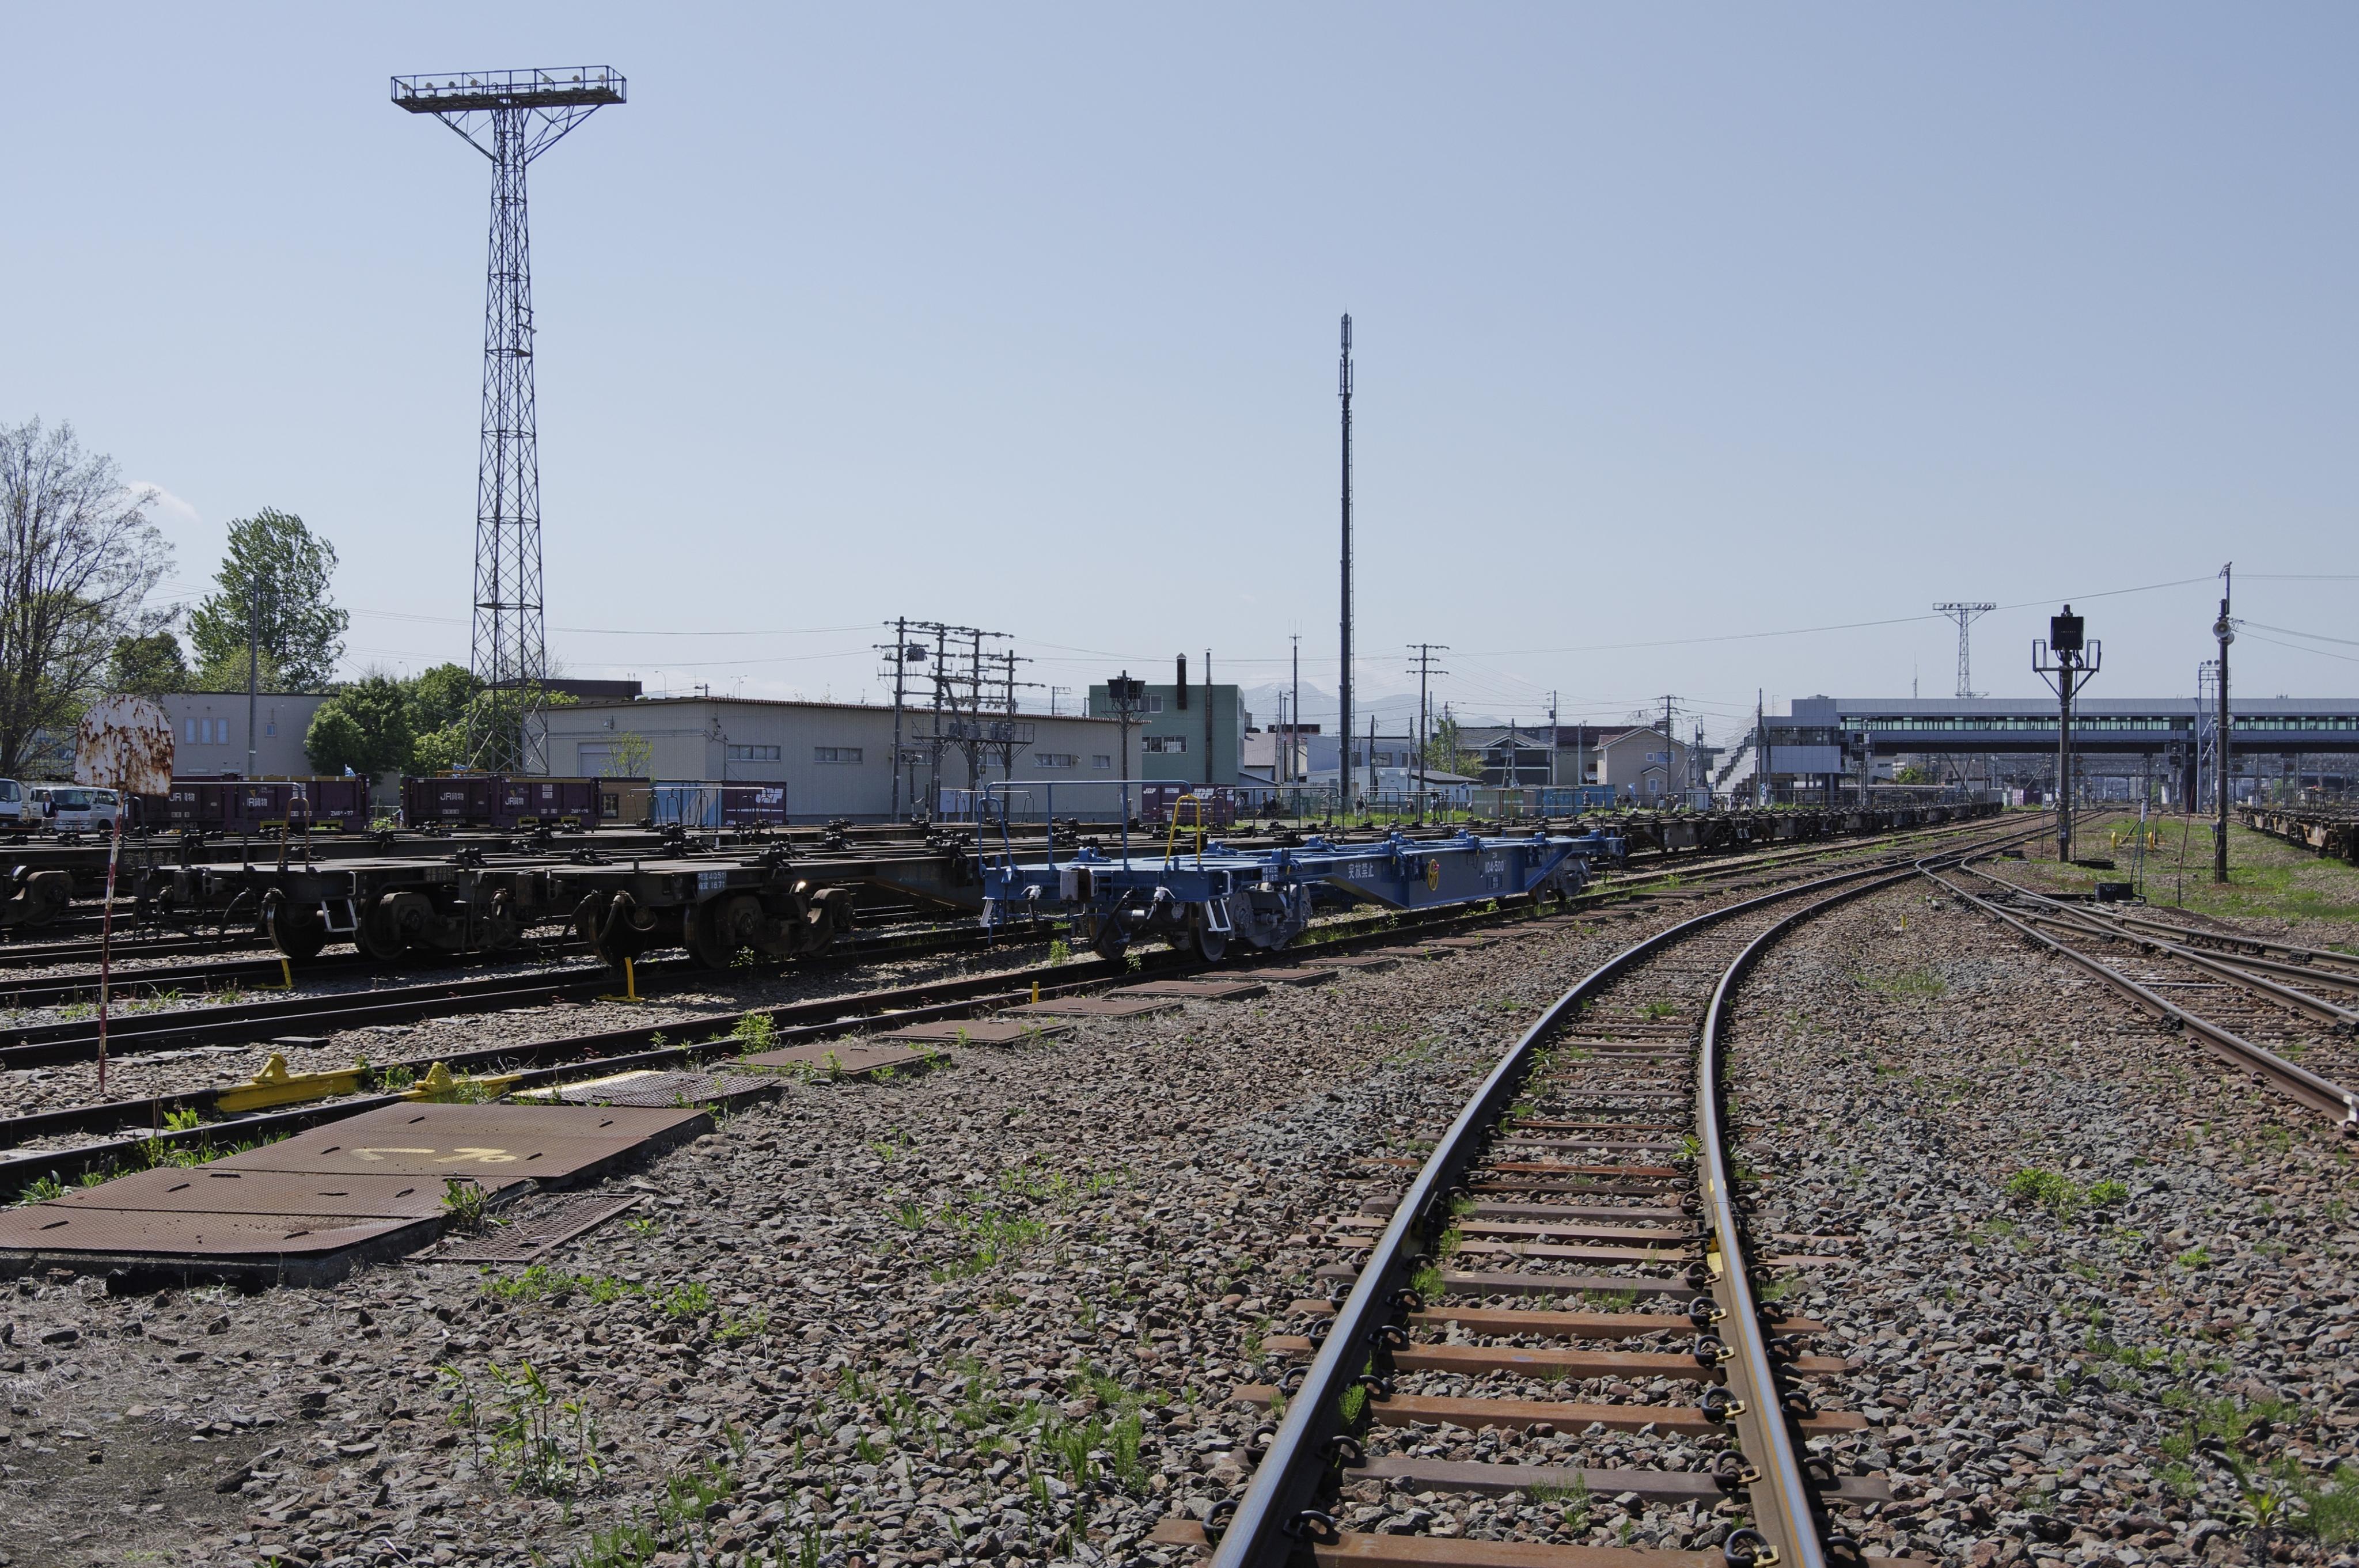 鉄道貨物フェスティバル2018in札幌 駅構内_180520.jpg